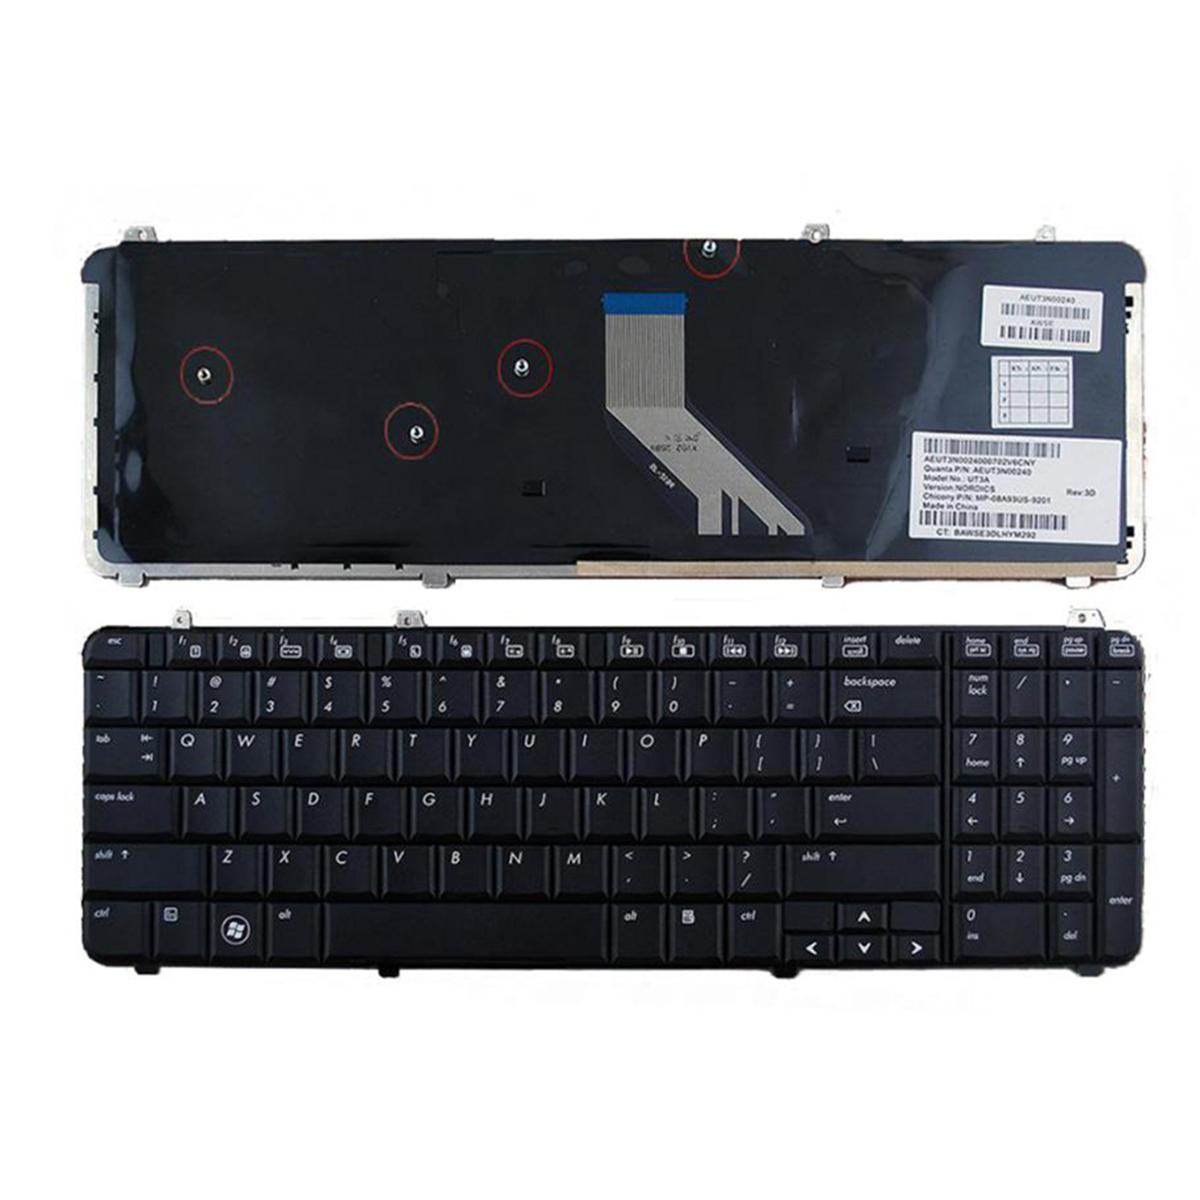 HP Pavilion DV6 dv6t dv6z DV6-1000 DV6-2000 Serisi ABD Düzeni Onarım Klavye Laptop Keyobard Değiştirme